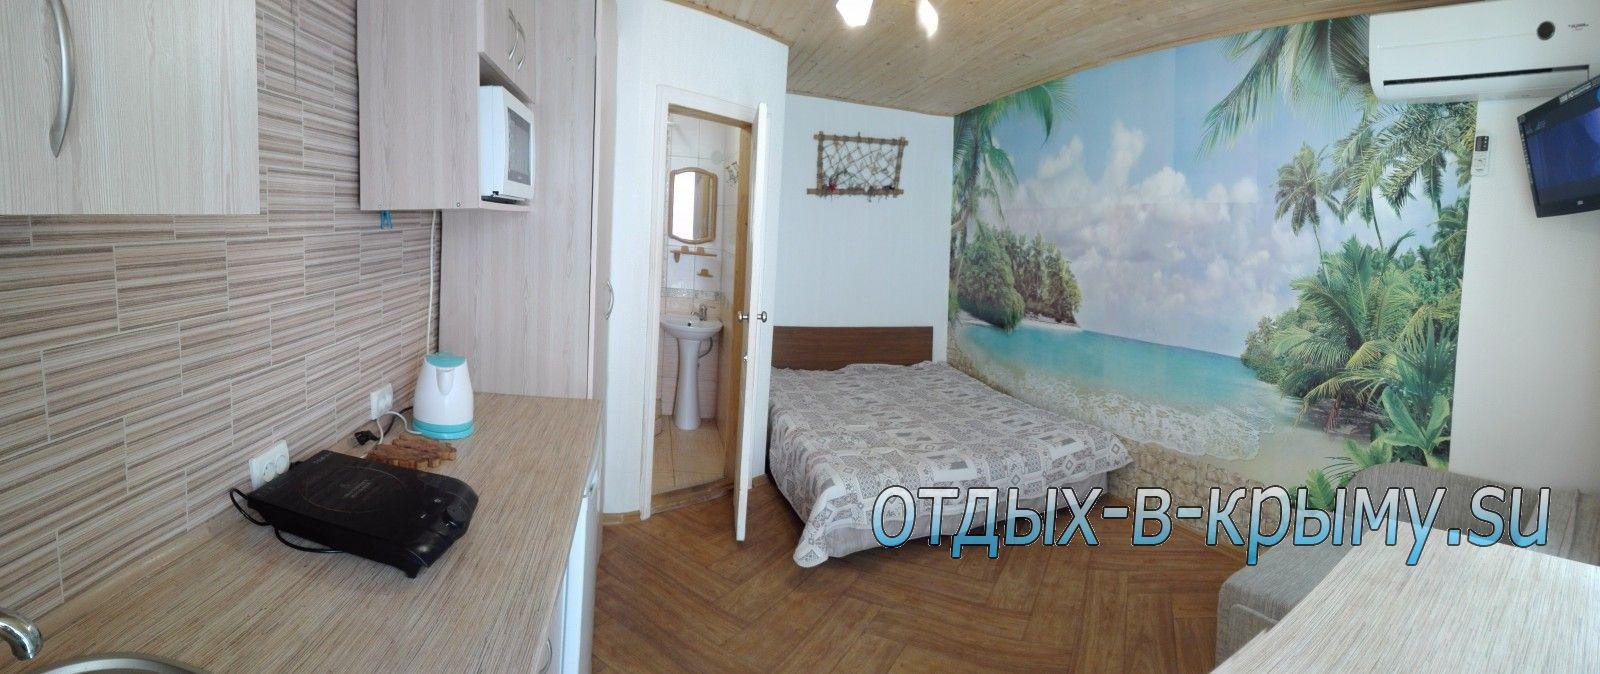 Affittare una casa a Intragna sulla spiaggia a buon mercato